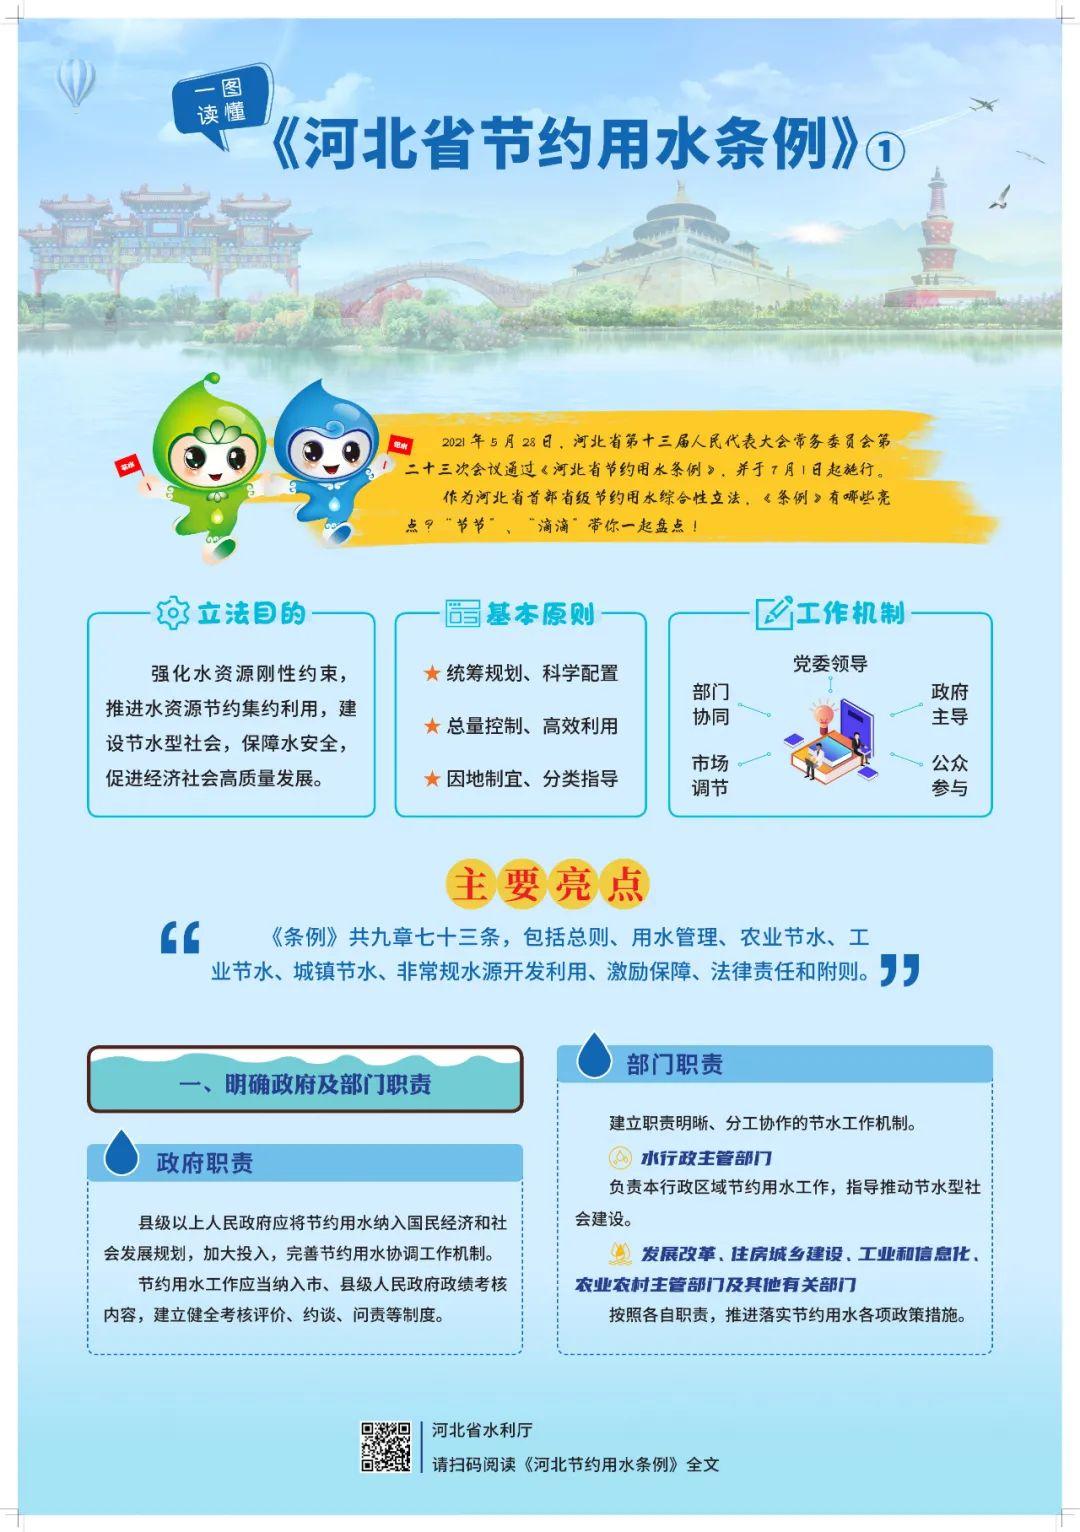 【一图读懂】河北省节约用水条例